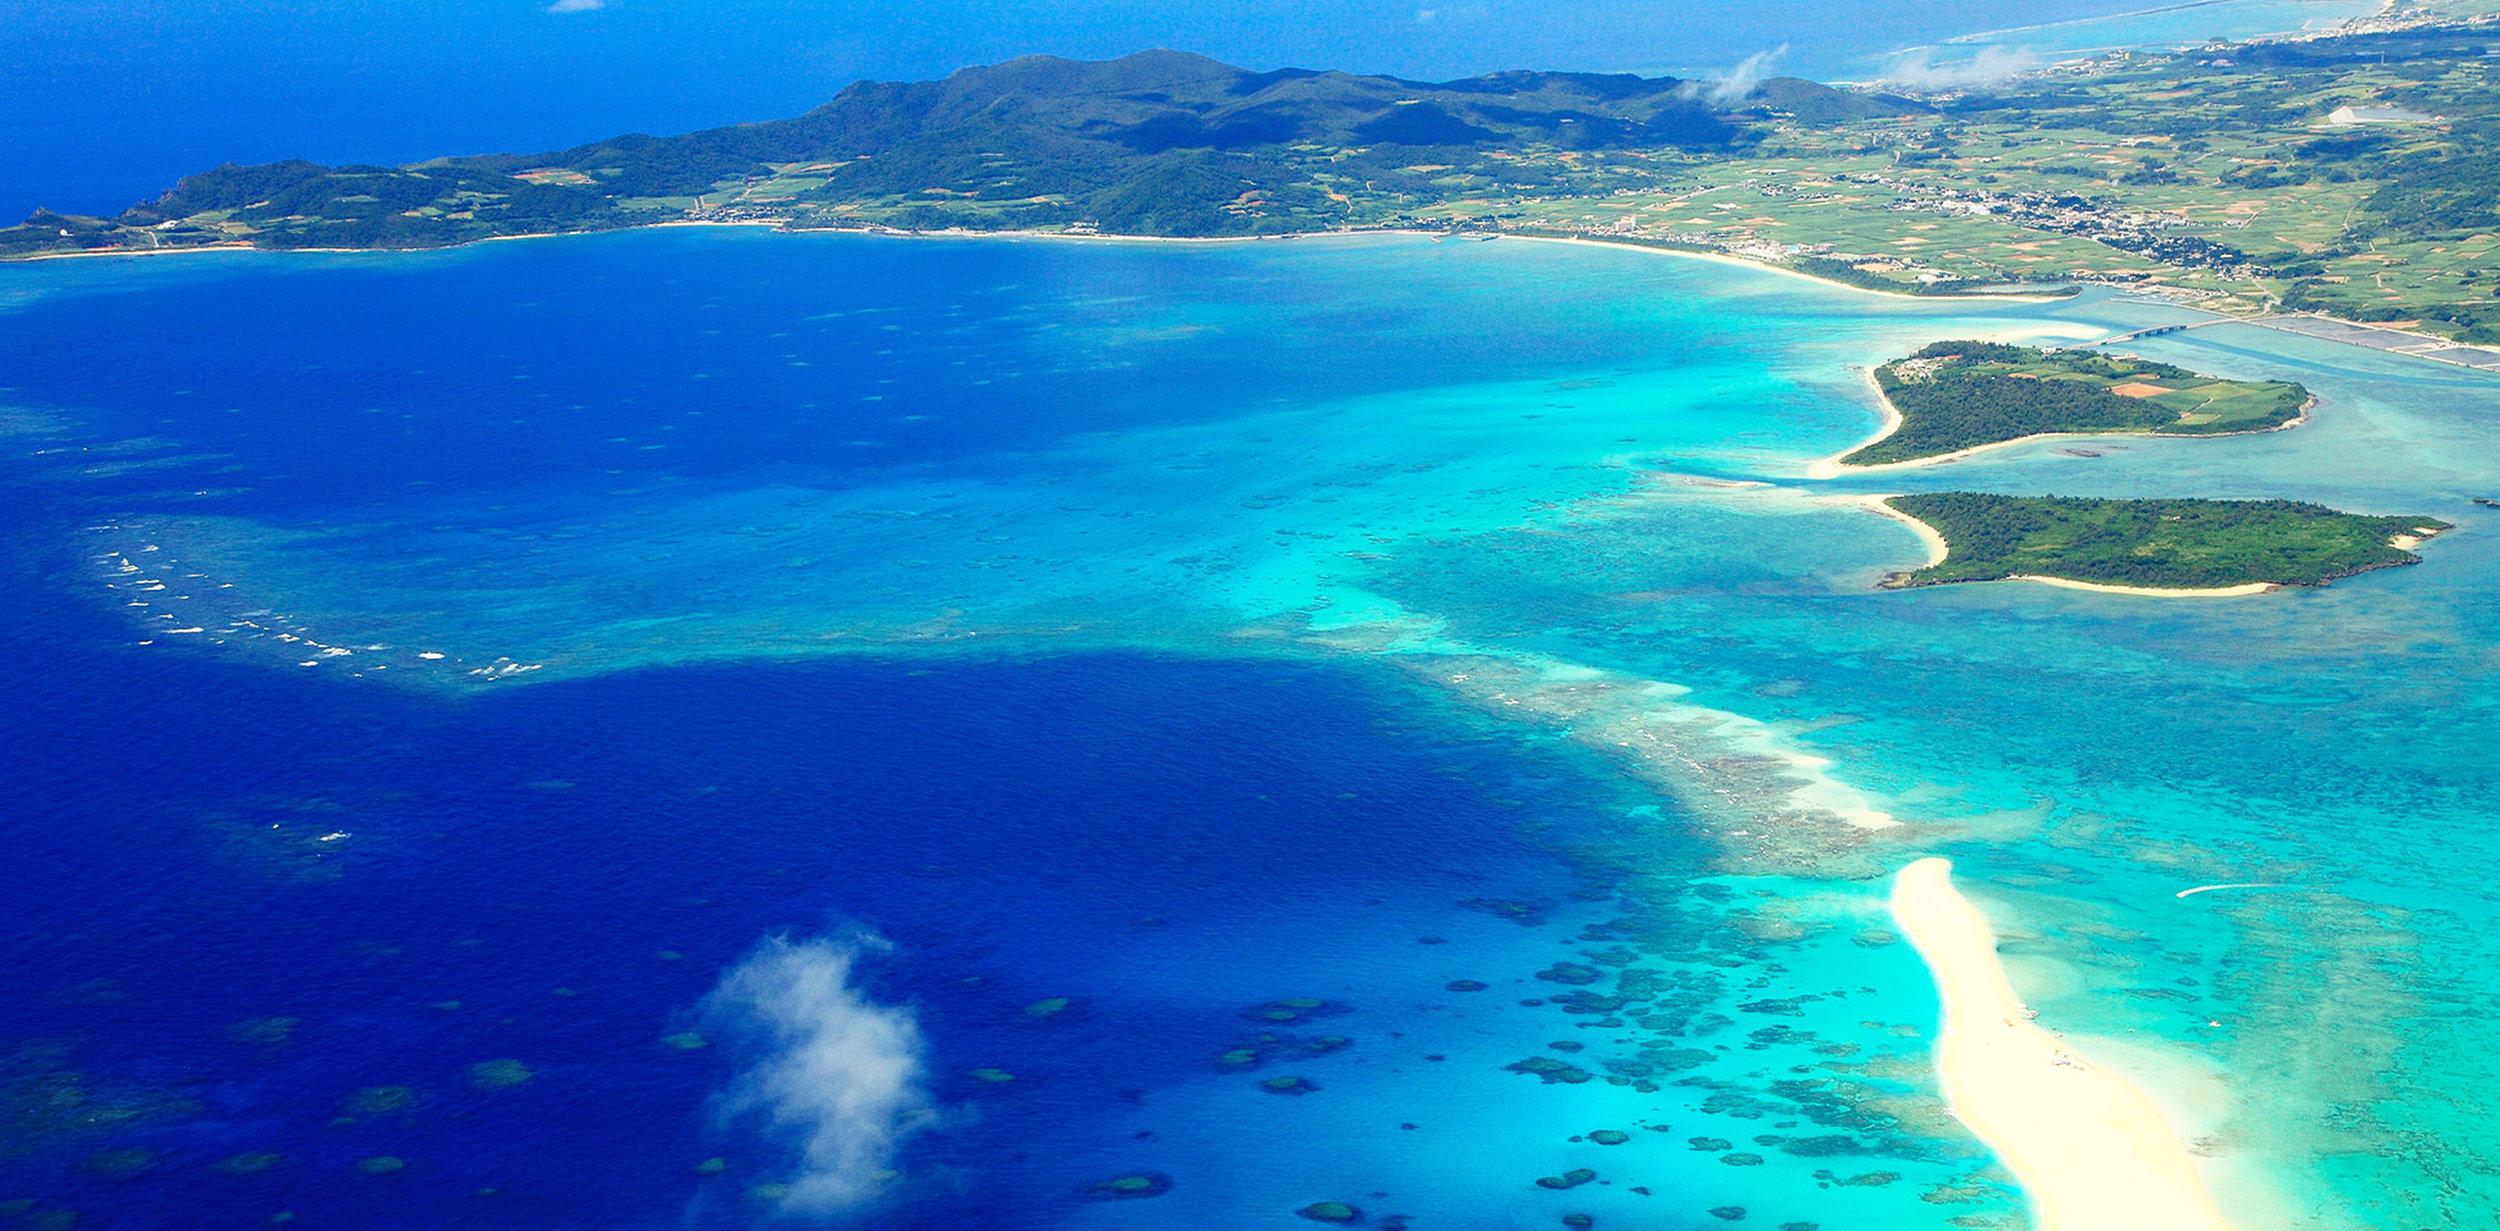 「SKY TREK」が6月29日(土)から7月7日(日)までの期間限定で 沖縄フライトを実施!